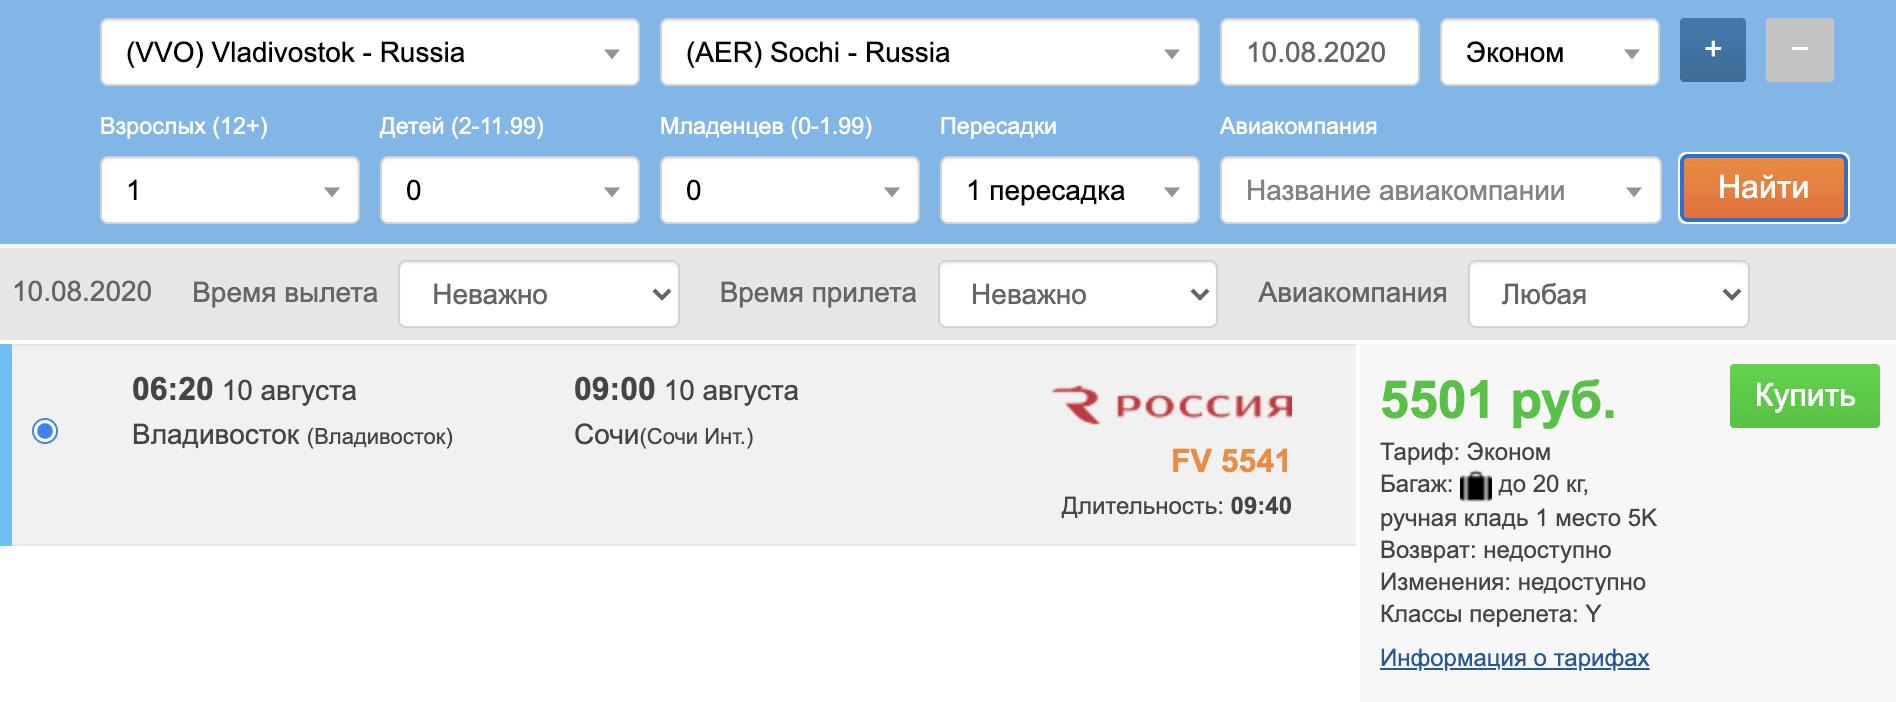 В начале августа! Прямые чартеры из Владивостока в Крым и Сочи от 5200₽ в одну сторону